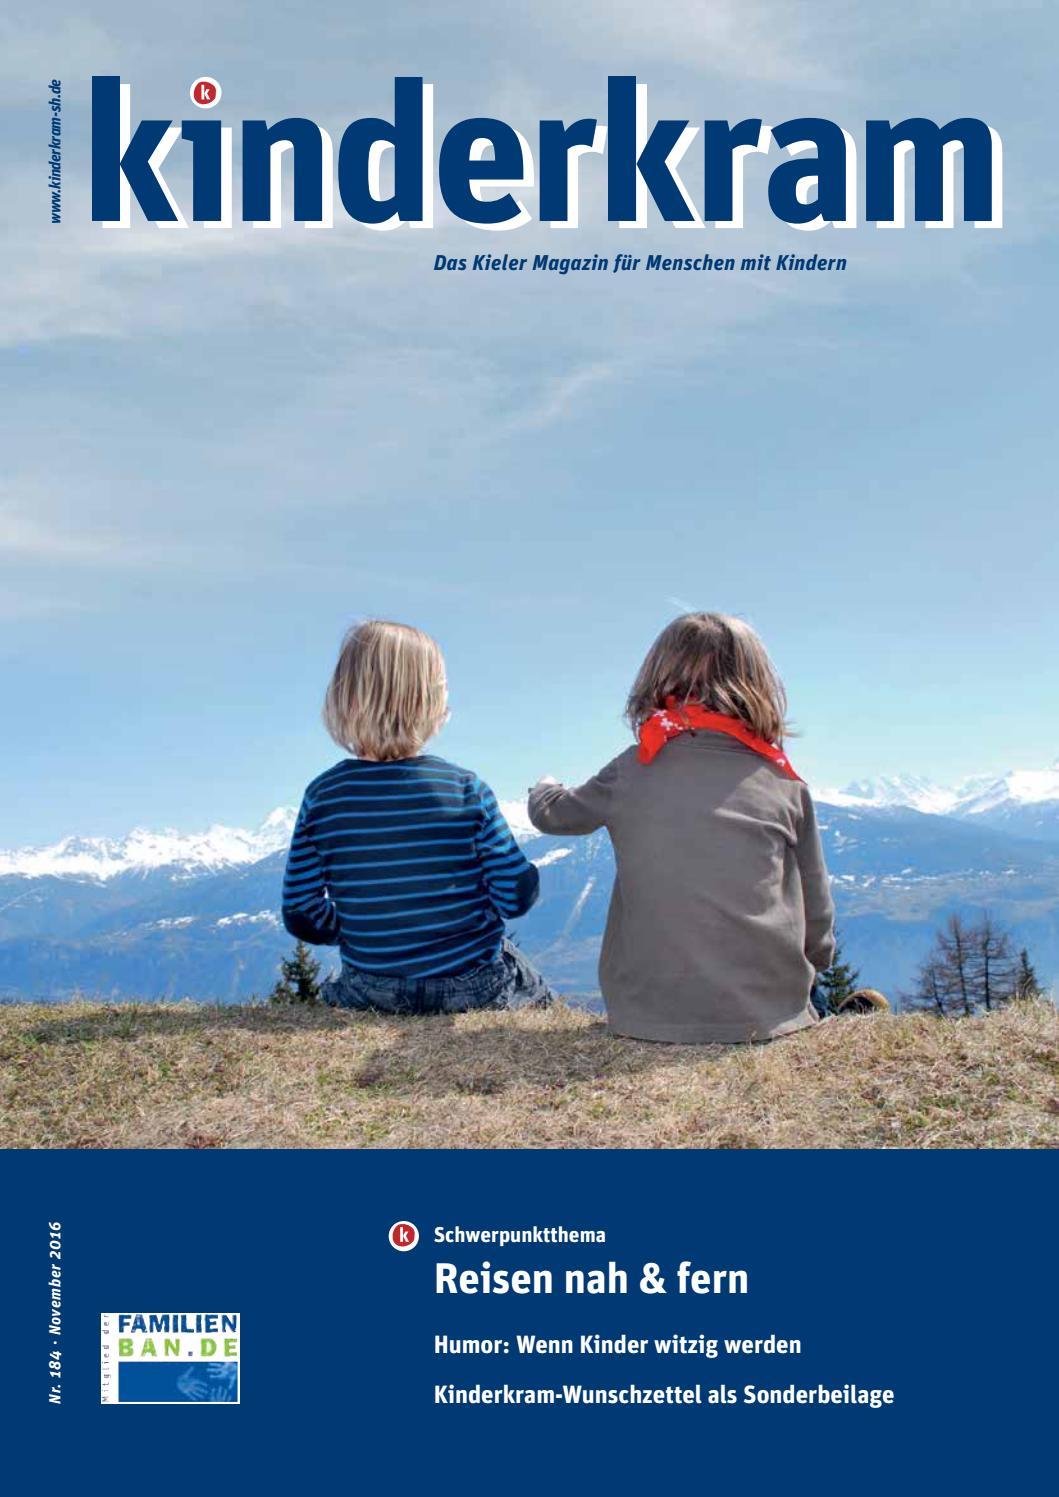 Kinderkram184archiv by Rönne Verlag - issuu